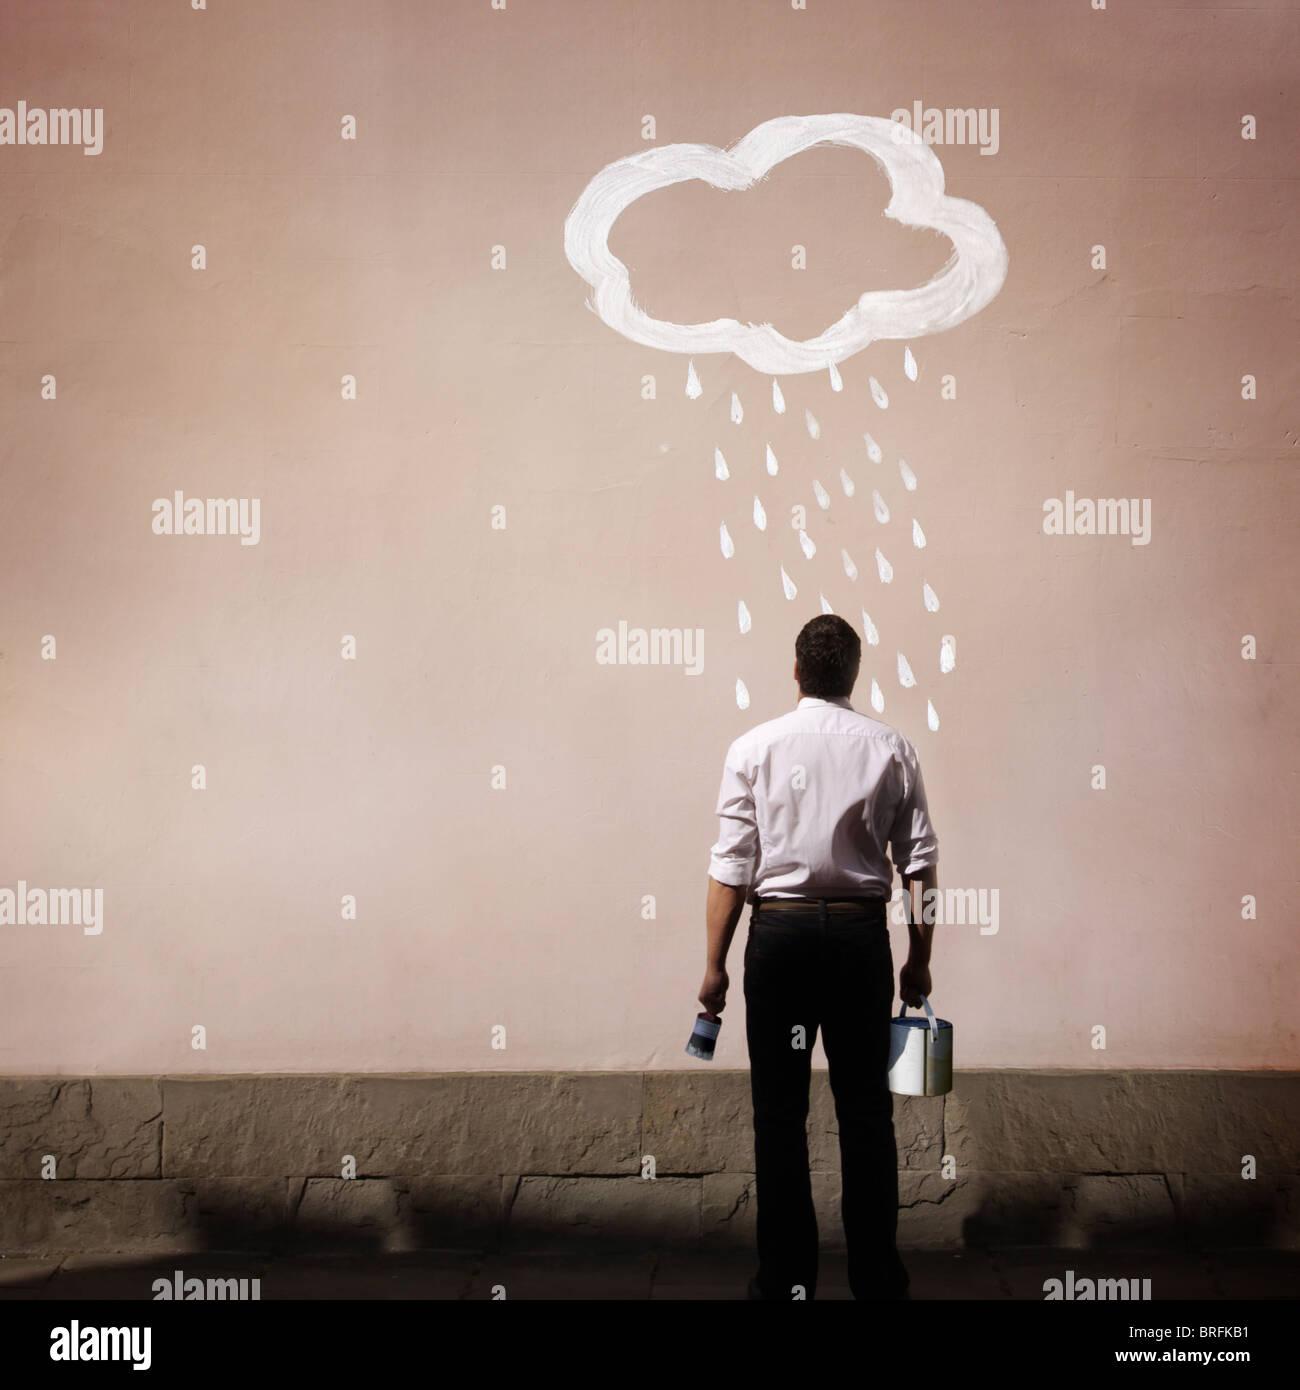 Mann mit Regenwolke auf eine Wand gemalt Stockbild